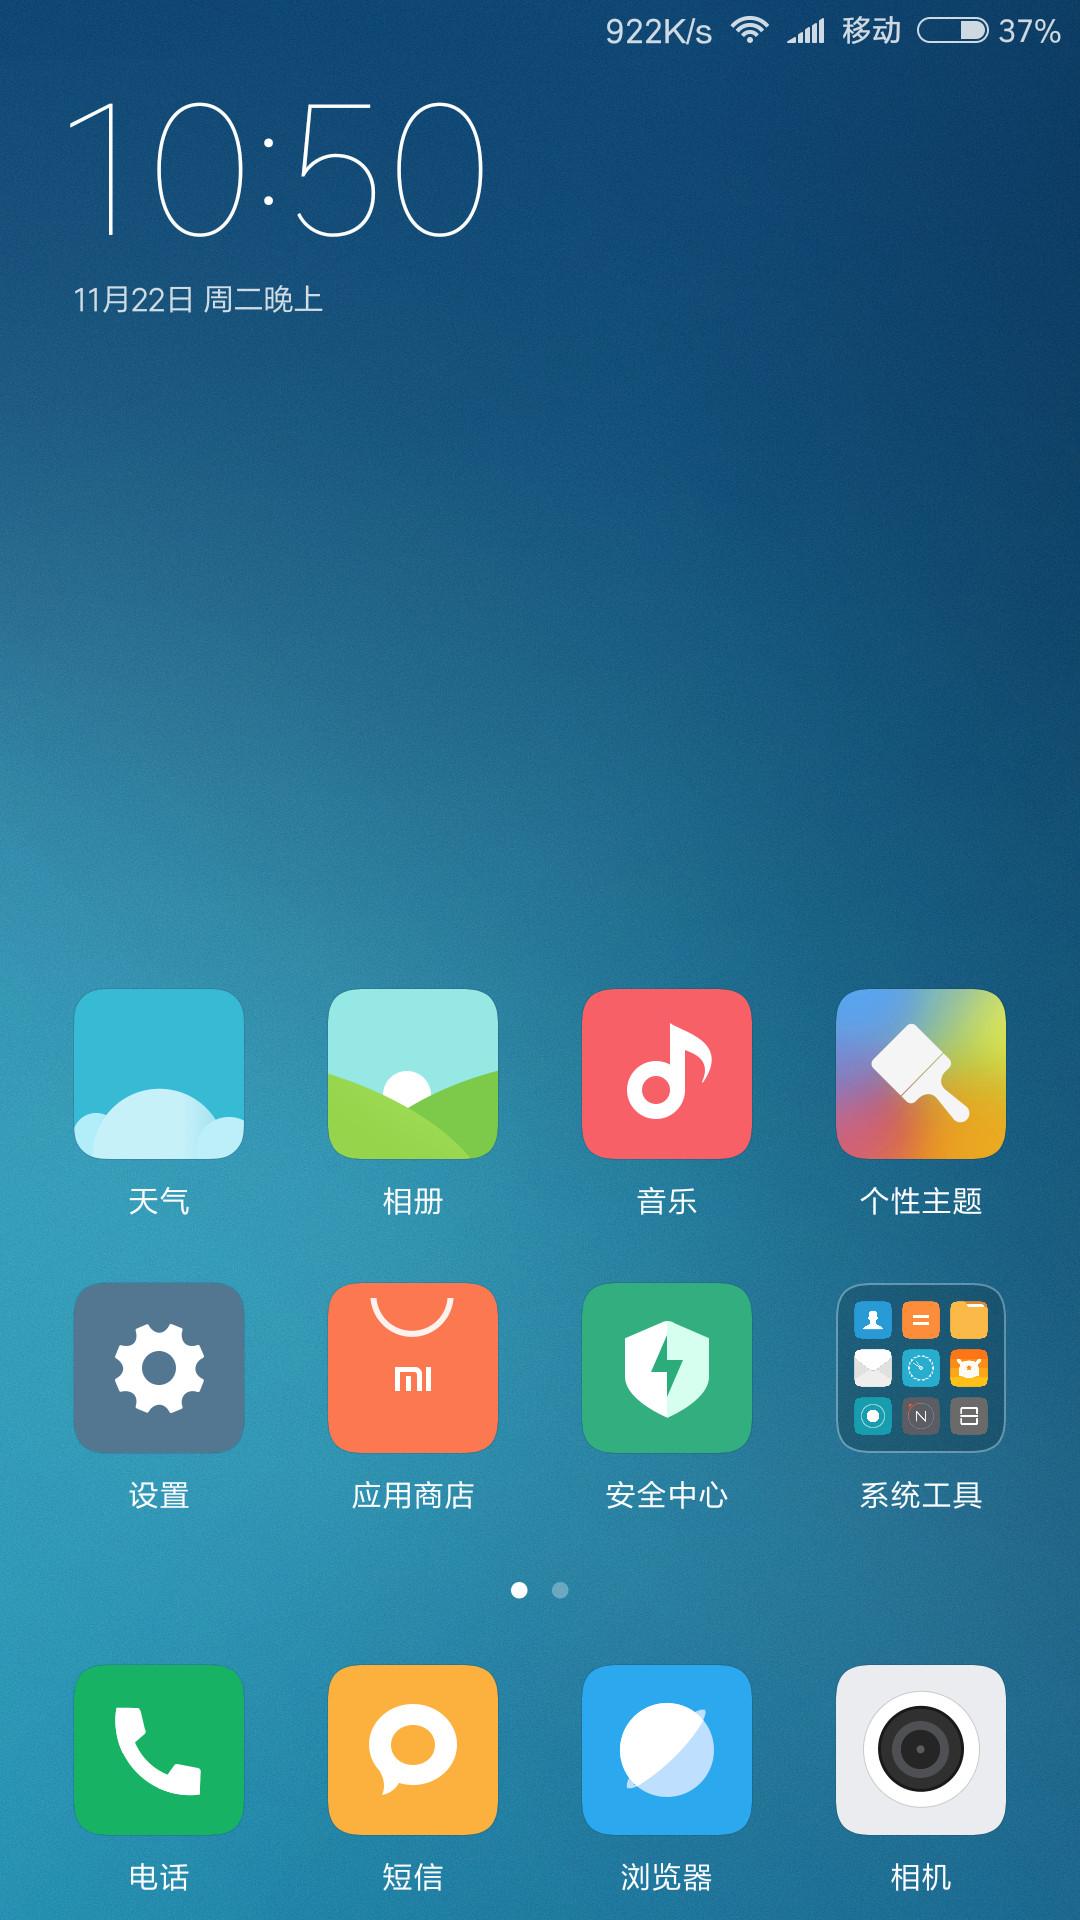 Screenshot_2016-11-22-22-50-30-073_com.miui.home.jpg